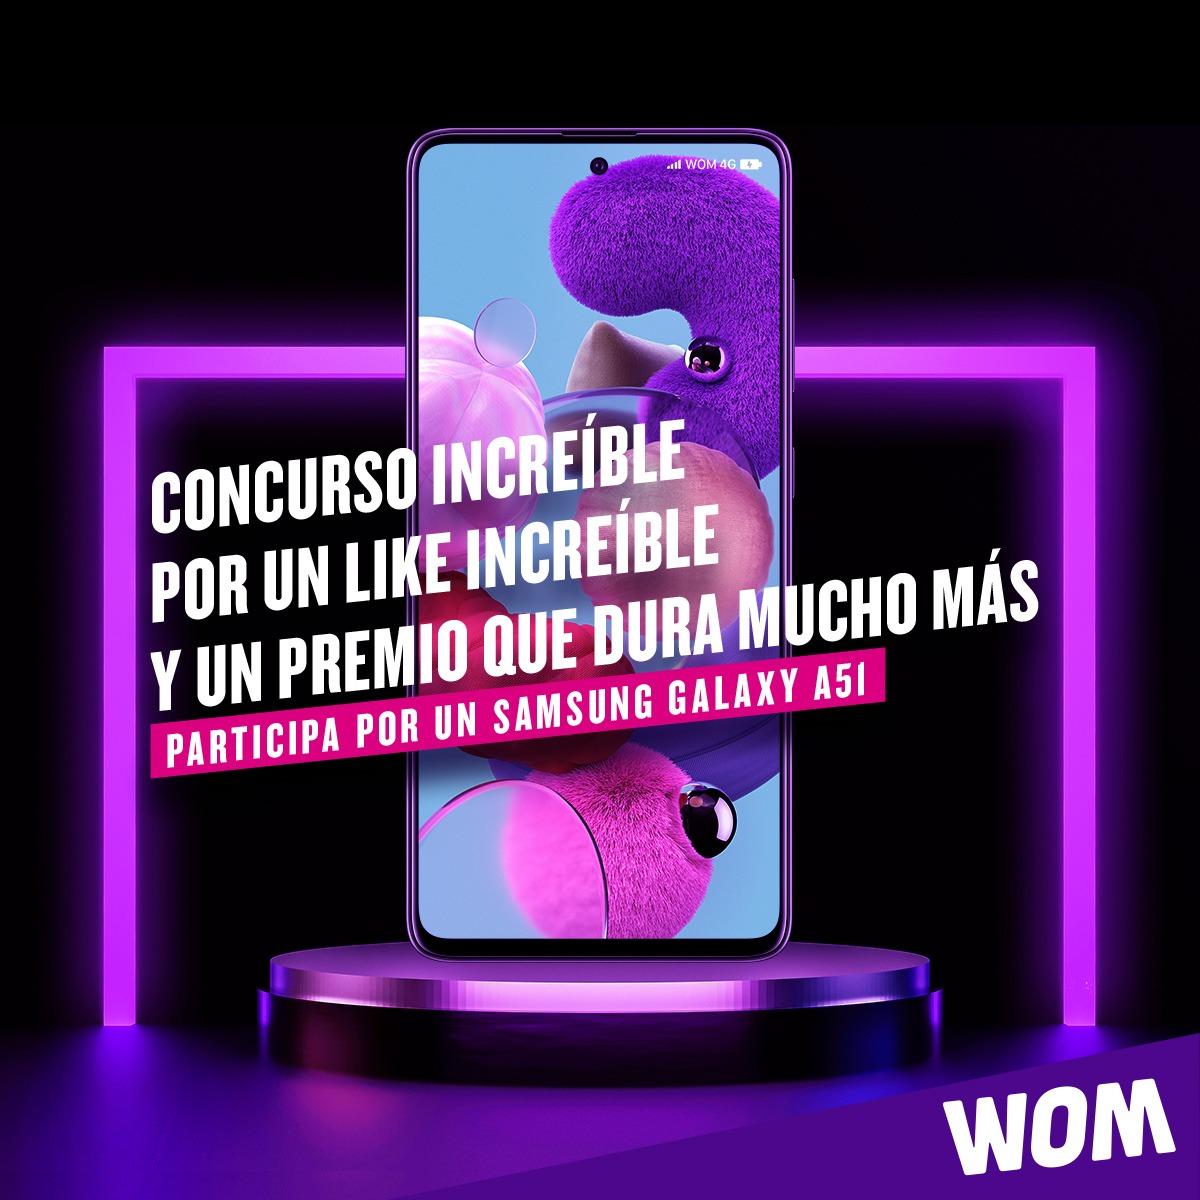 pagar-cuenta-wom-4